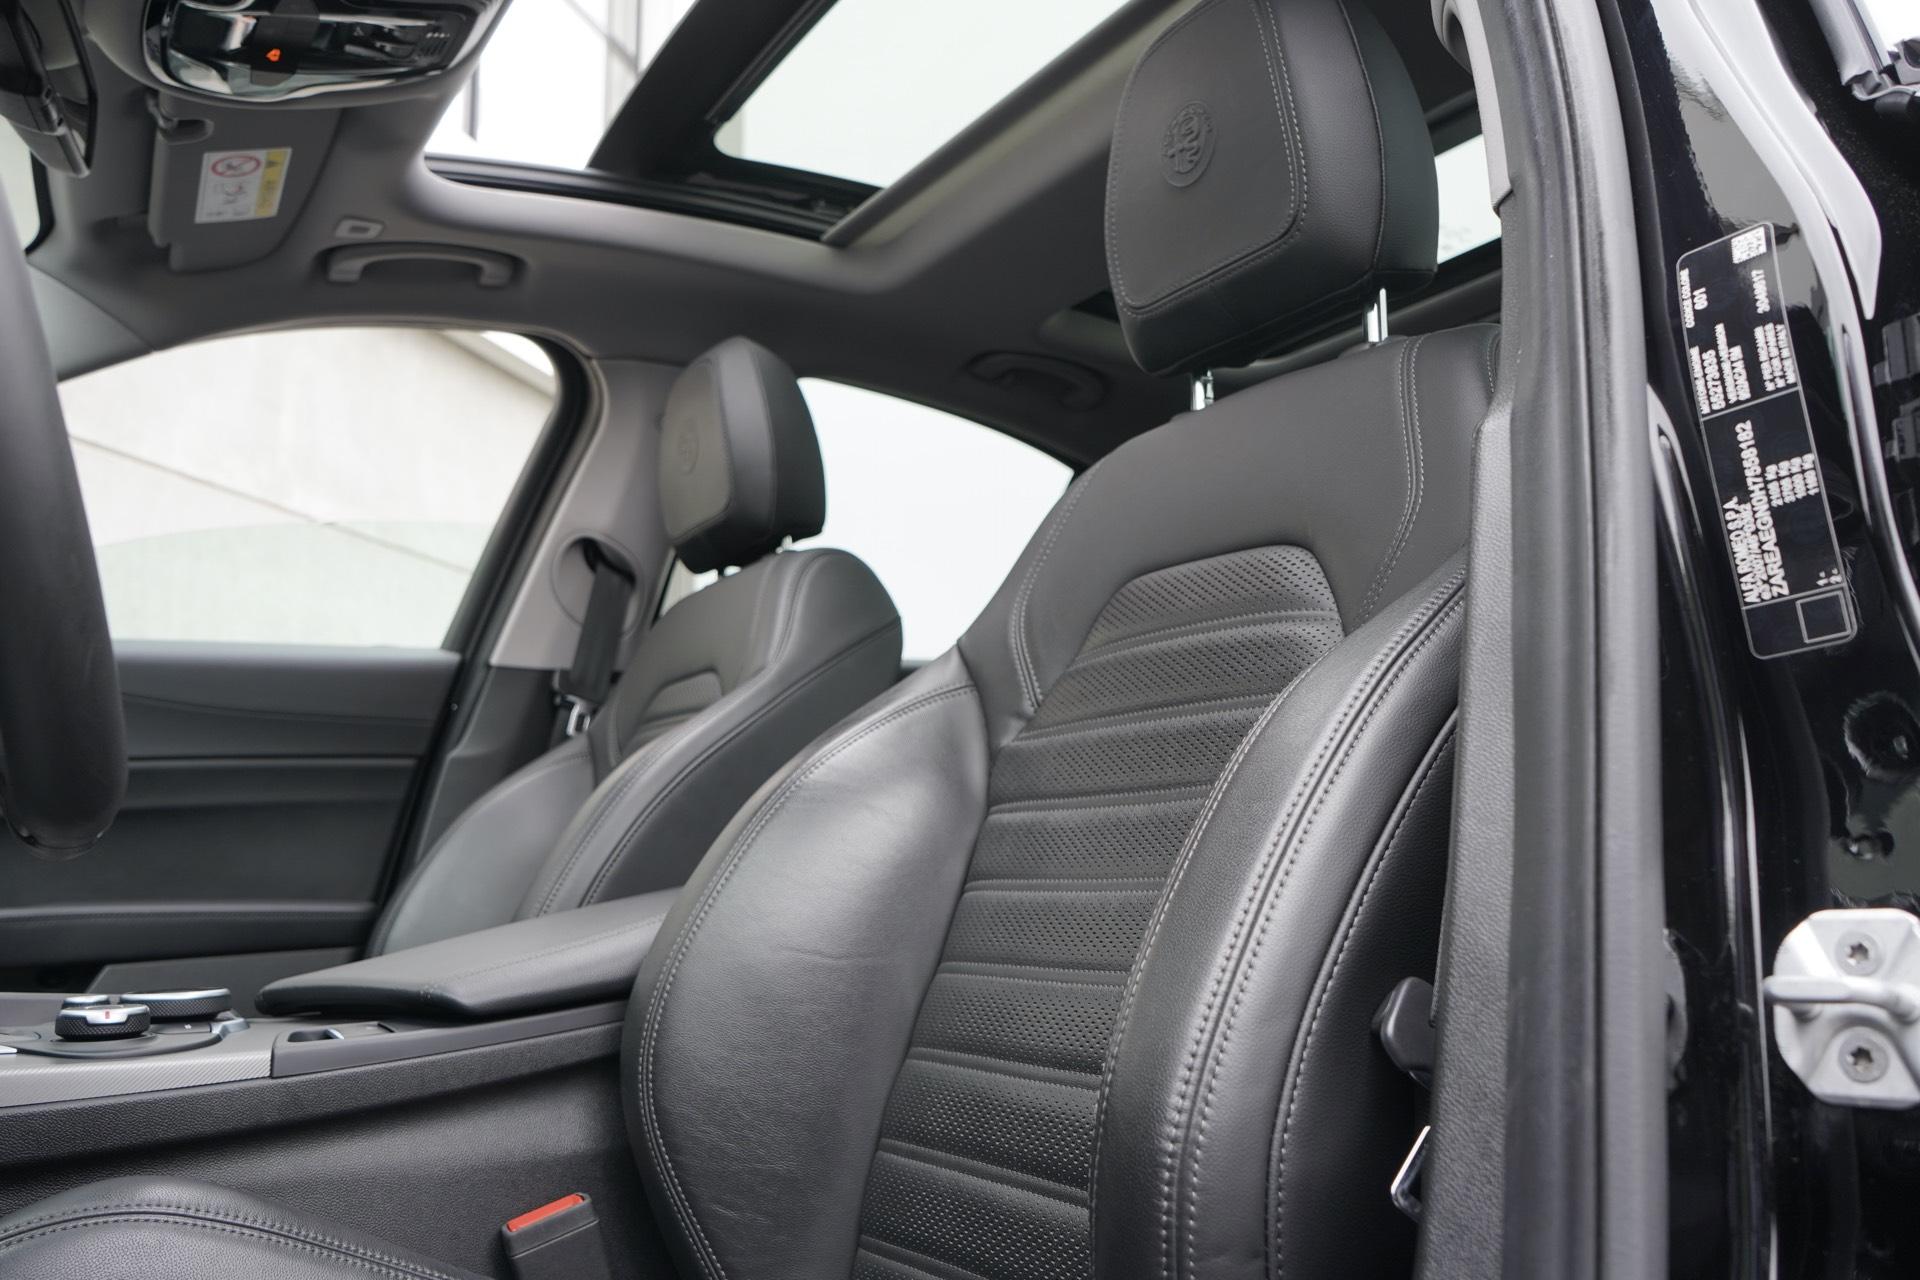 ALFA GIULIA 2.0 TURBO VELOCE 280 Q4 AWD